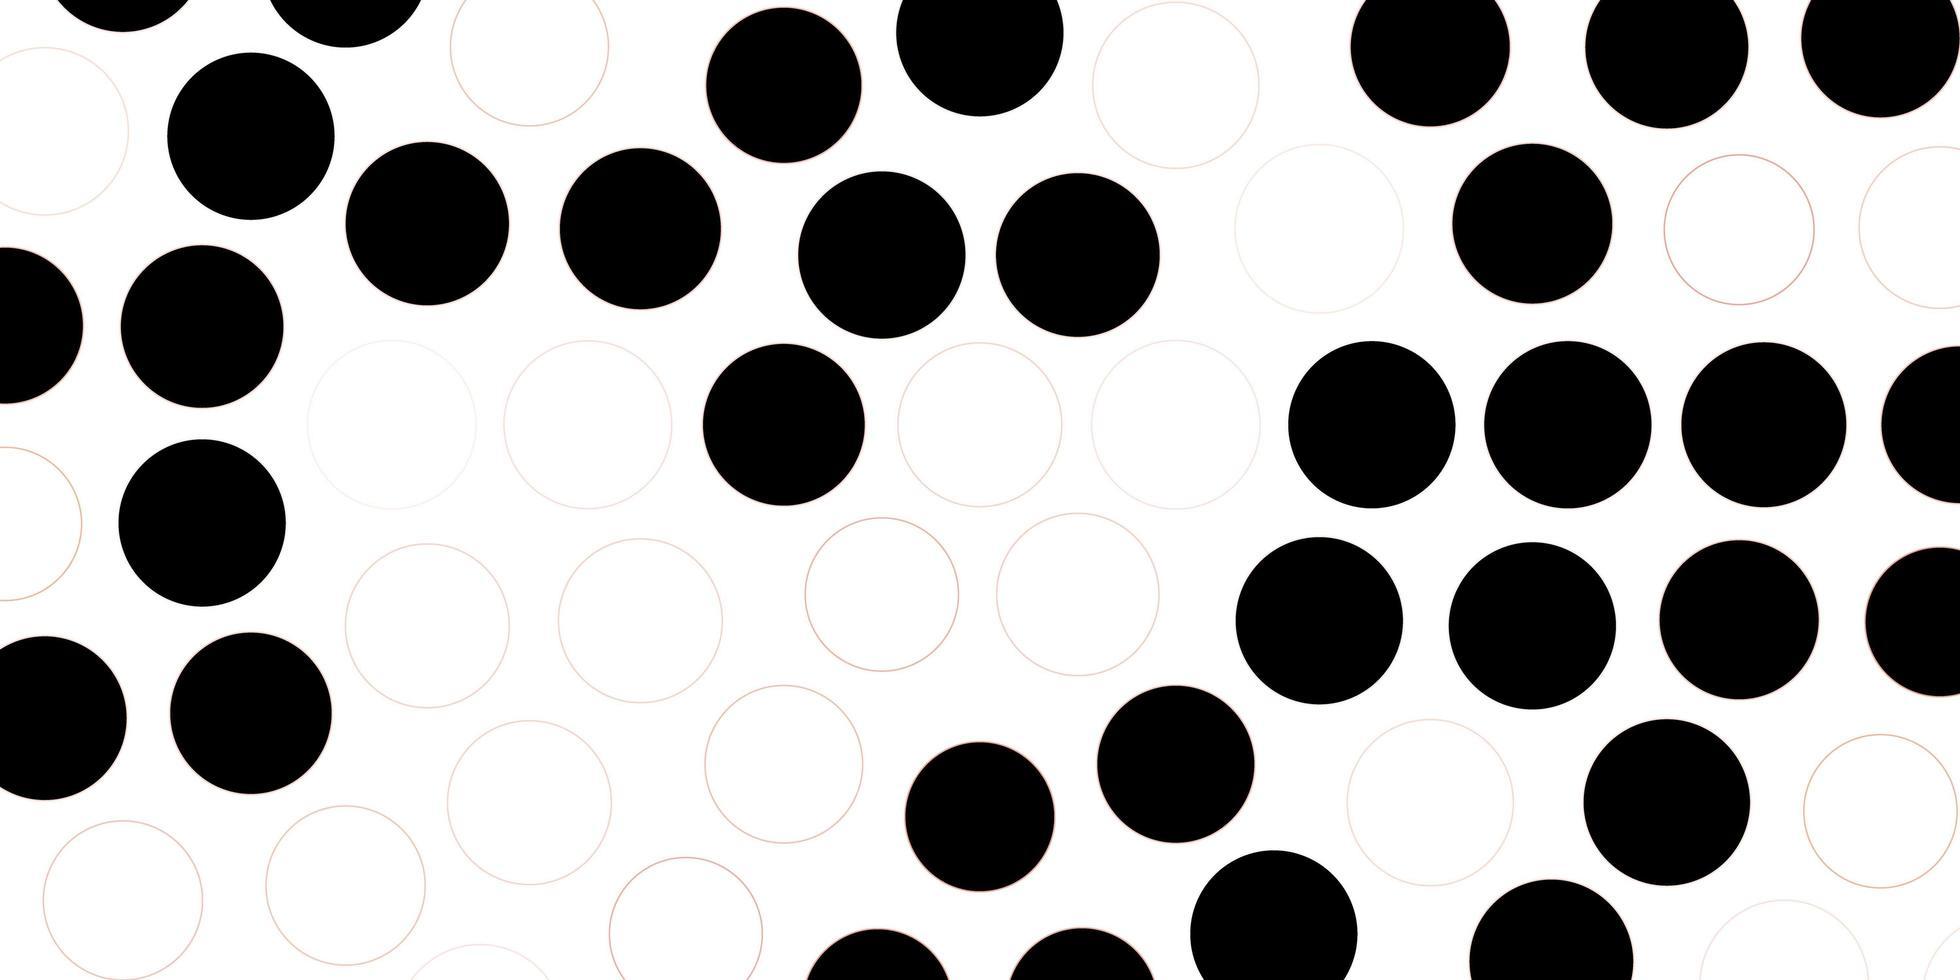 dunkelrote Vektortextur mit Scheiben. vektor